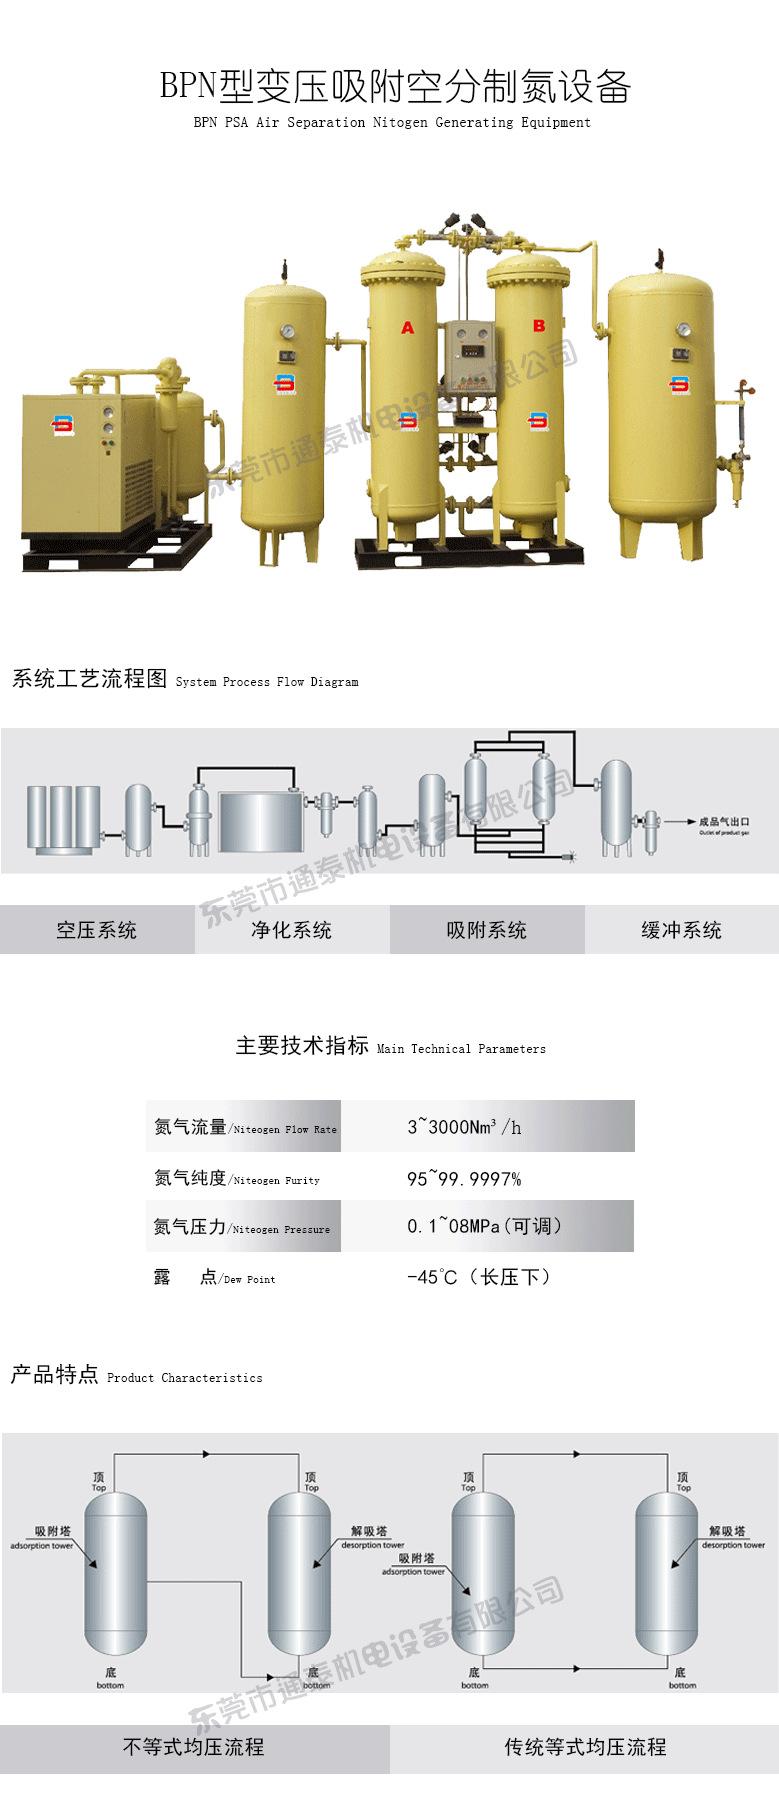 吸附空分制氮機設備安裝圖_特點_工藝流程圖